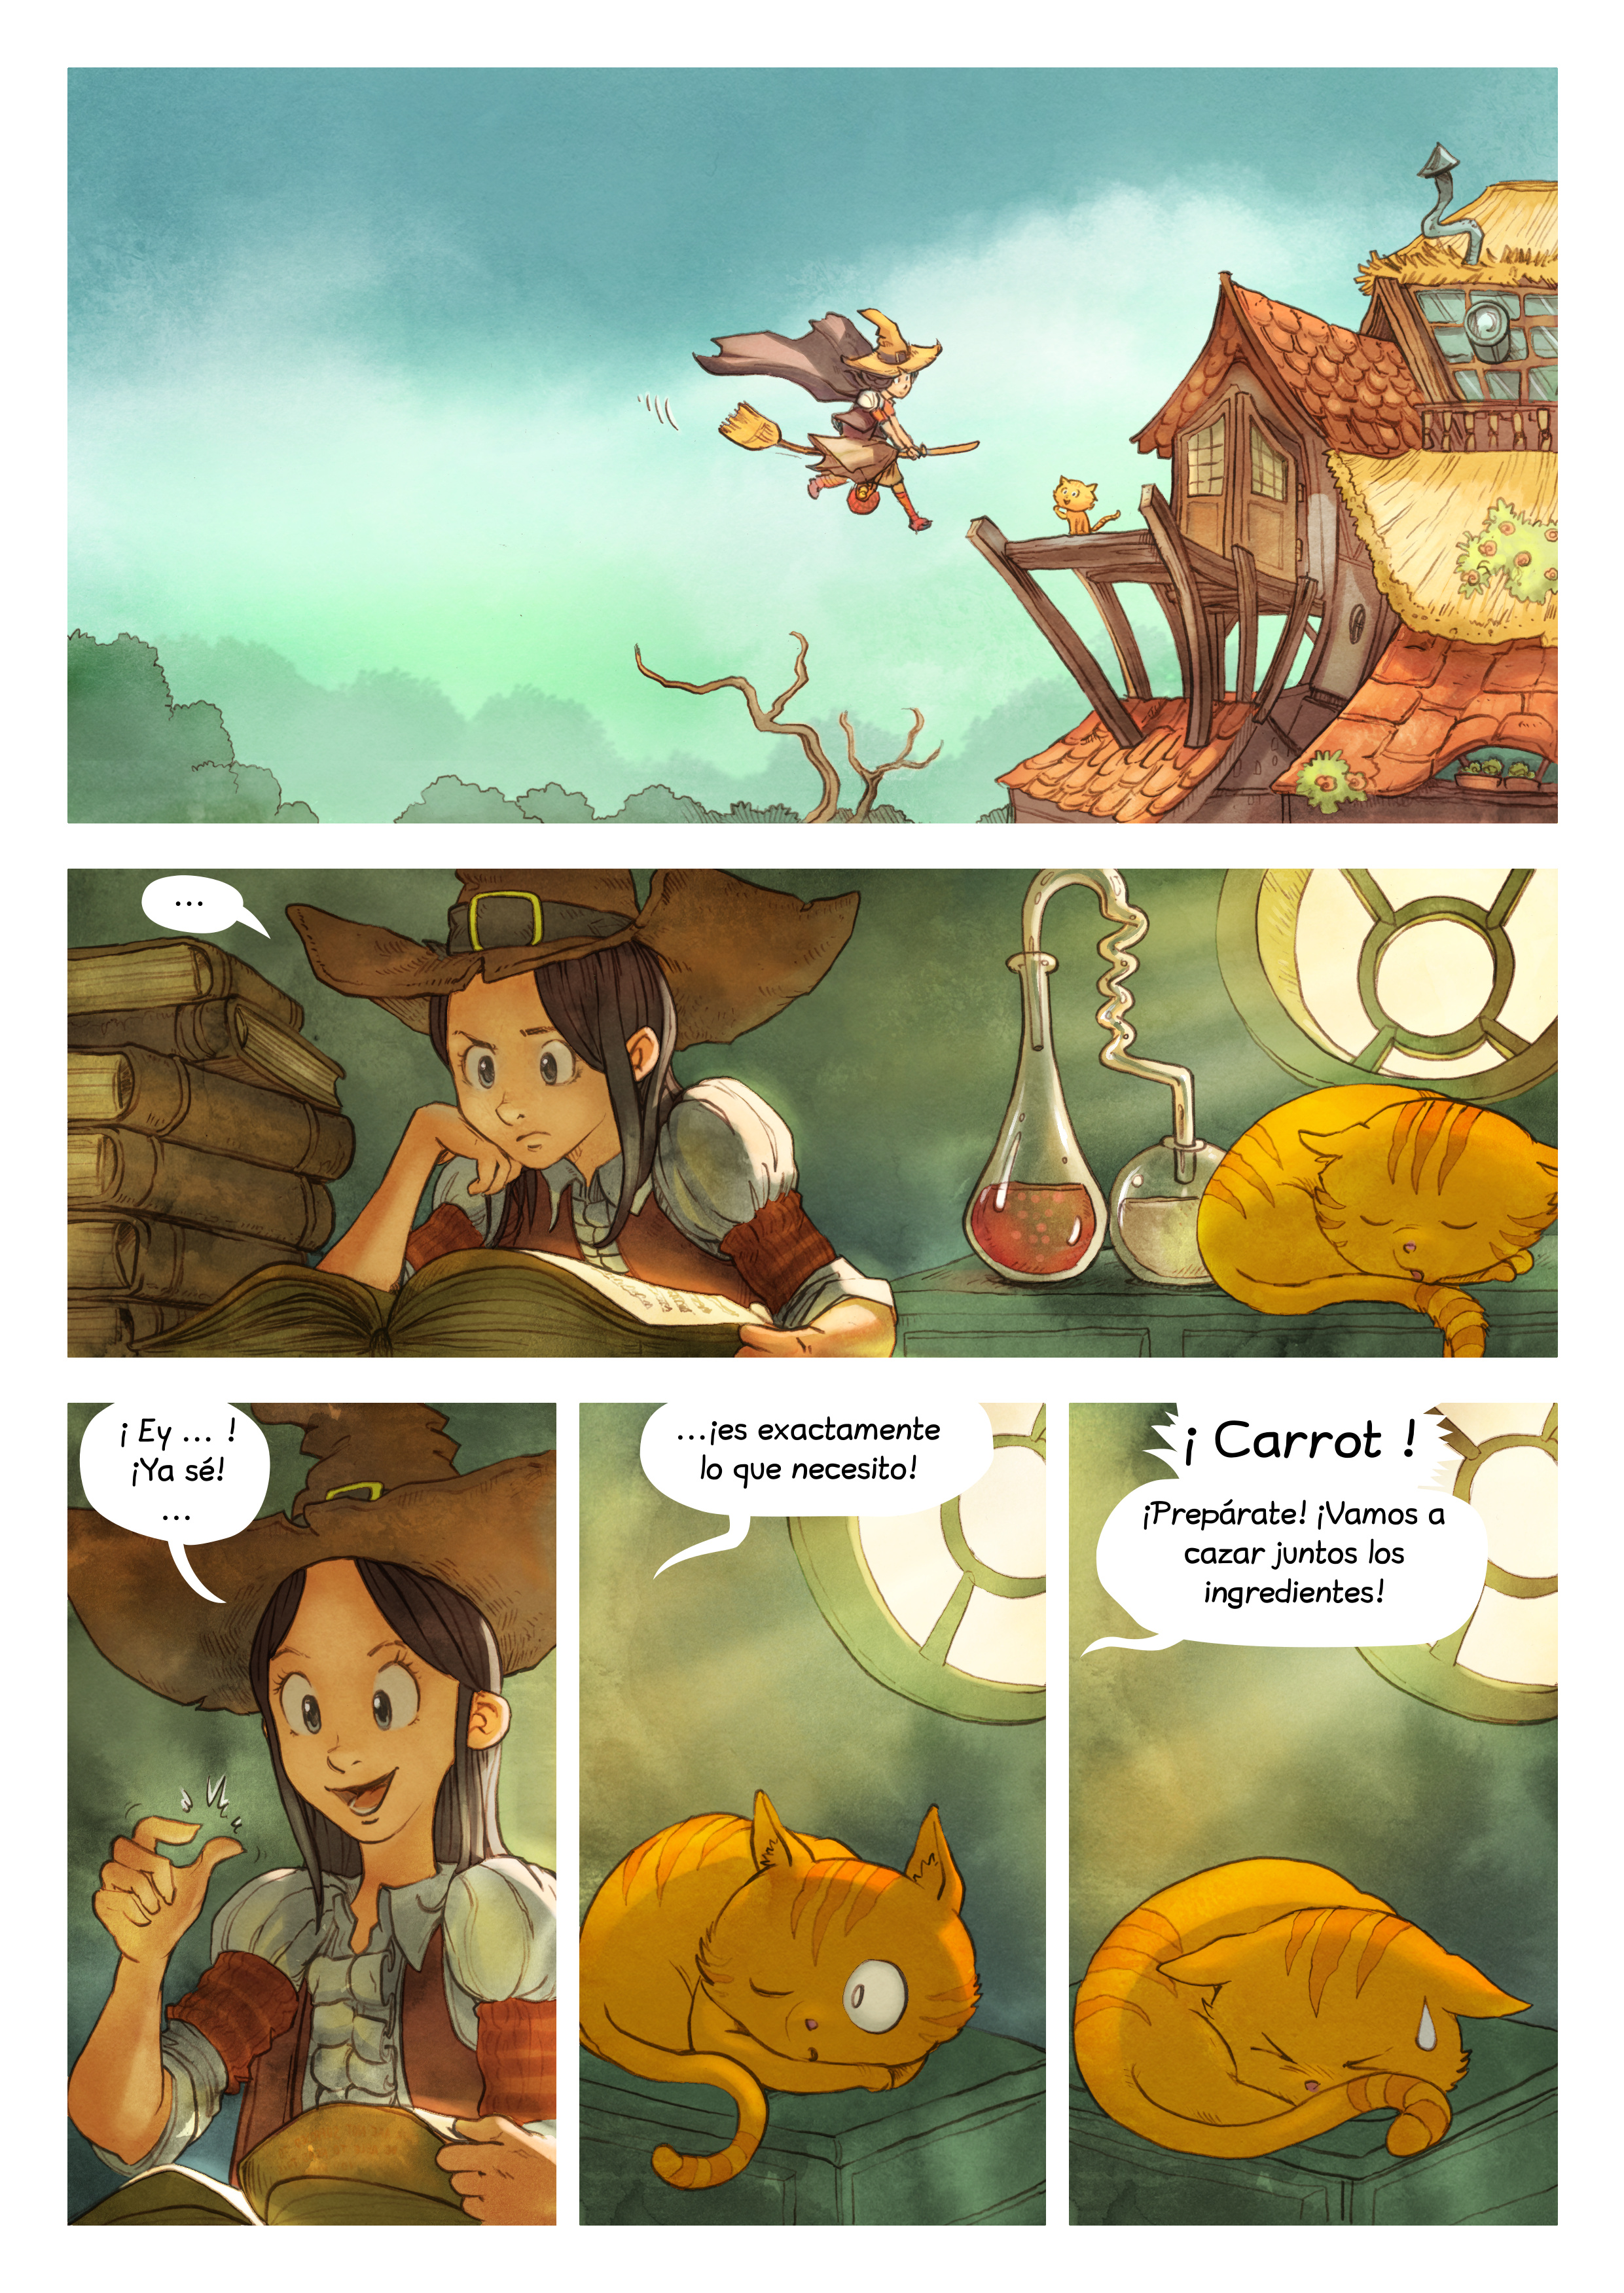 Episodio 3: Los ingredientes secretos, Page 4